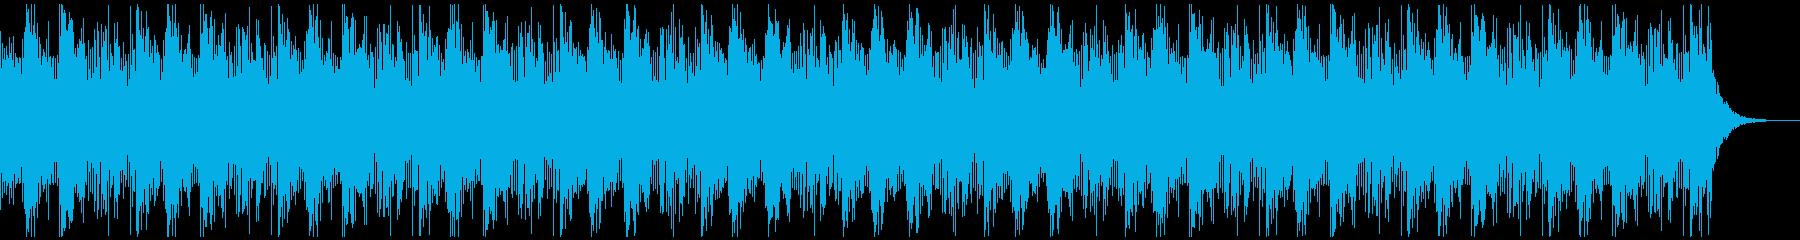 [ニュース報道]無機質:フラット:13の再生済みの波形